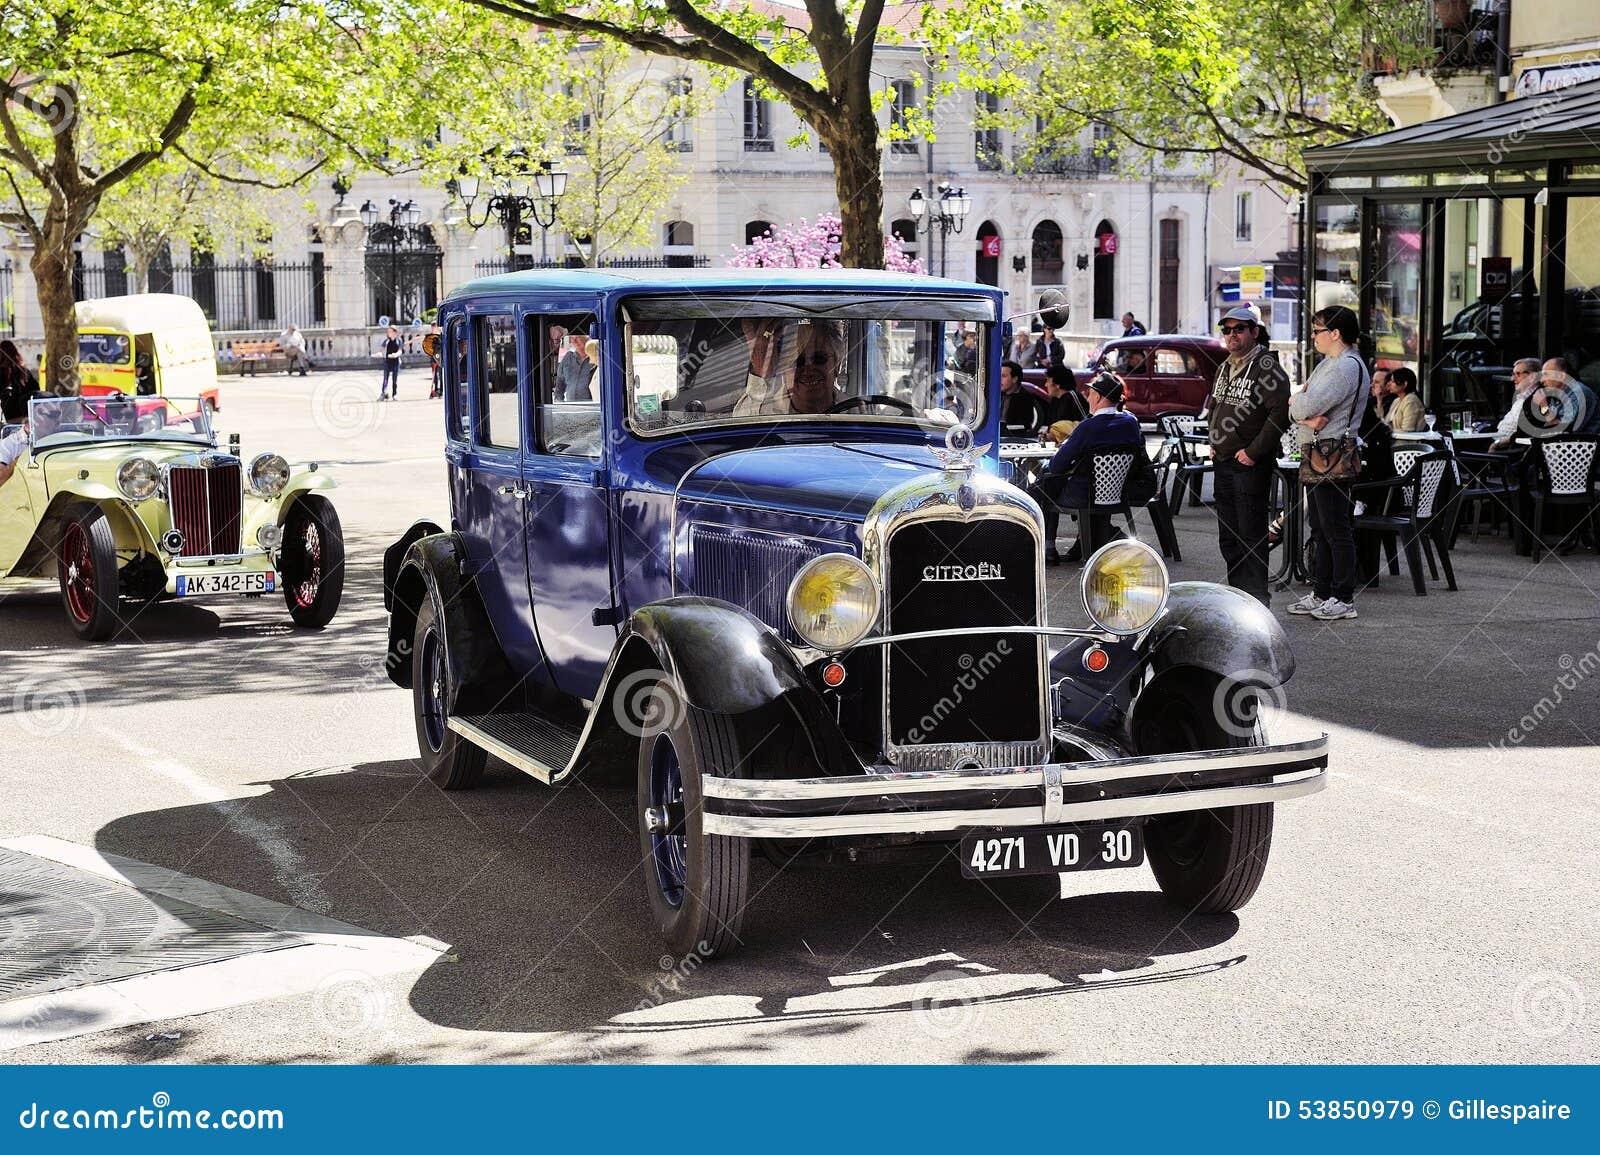 vieille voiture de citroen des ann es 1920 image stock ditorial image 53850979. Black Bedroom Furniture Sets. Home Design Ideas